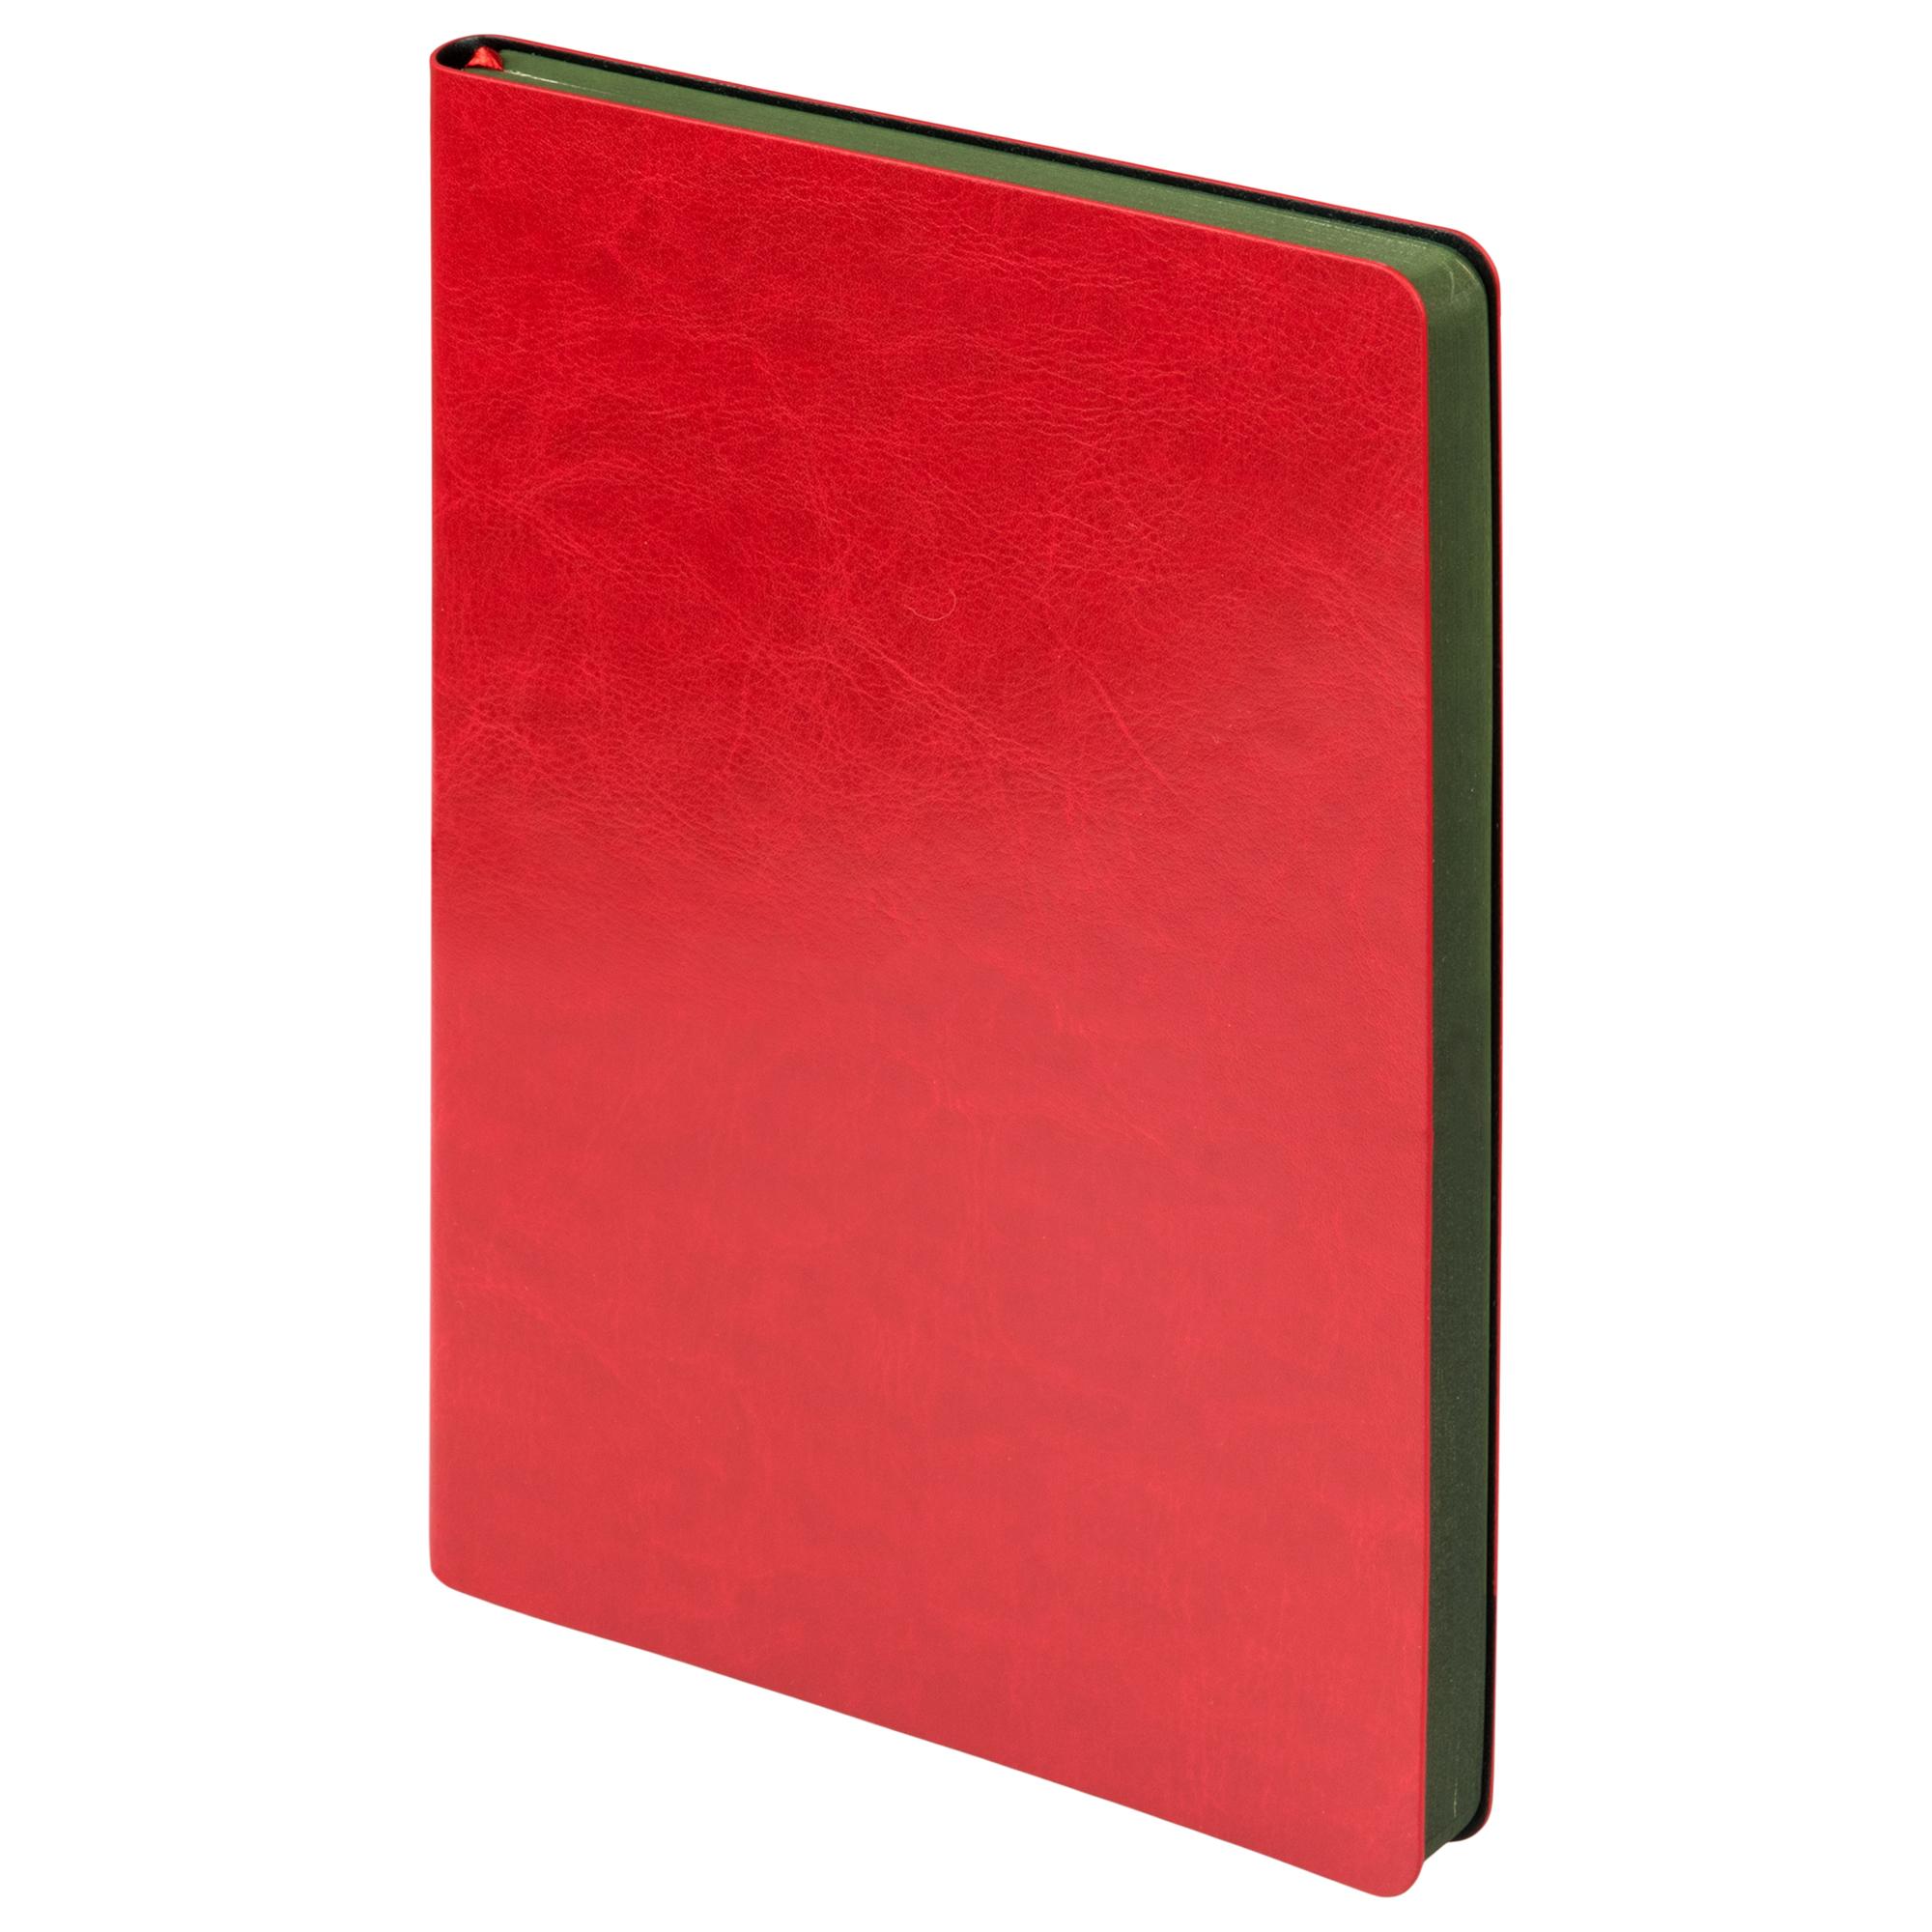 Ежедневник недатированный, Portobello Trend, River side, 145х210, 256 стр, красный/зеленый